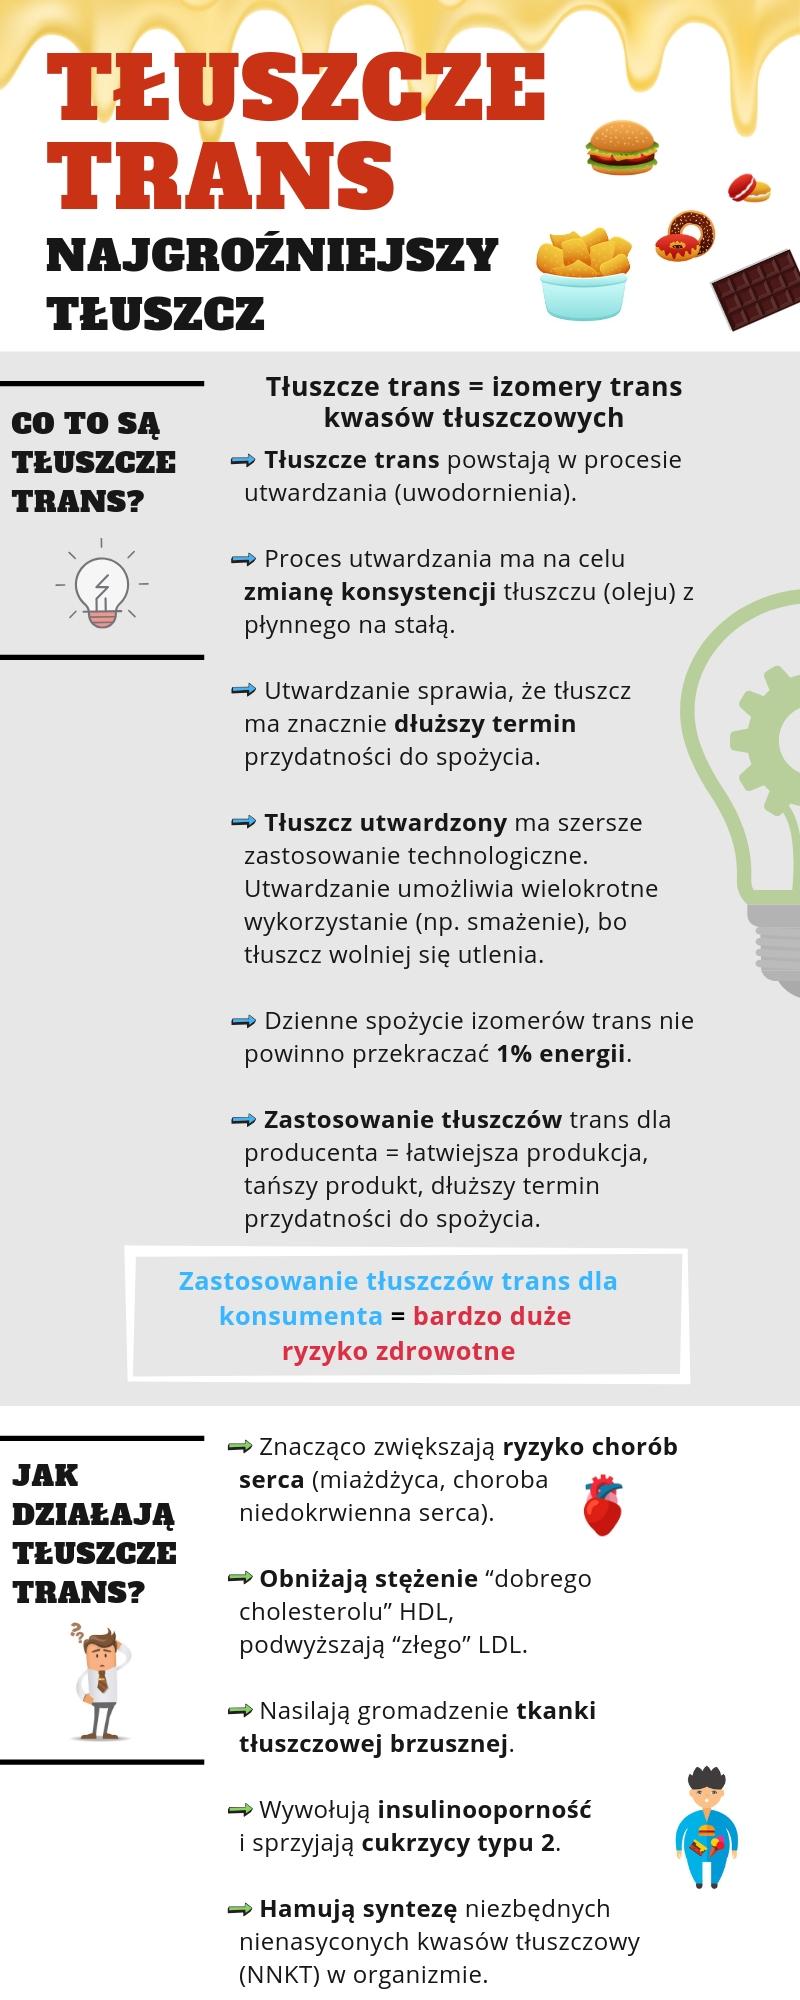 Tłuszcze trans - infografika Barbary Dąbrowskiej, dietetyka - część 1